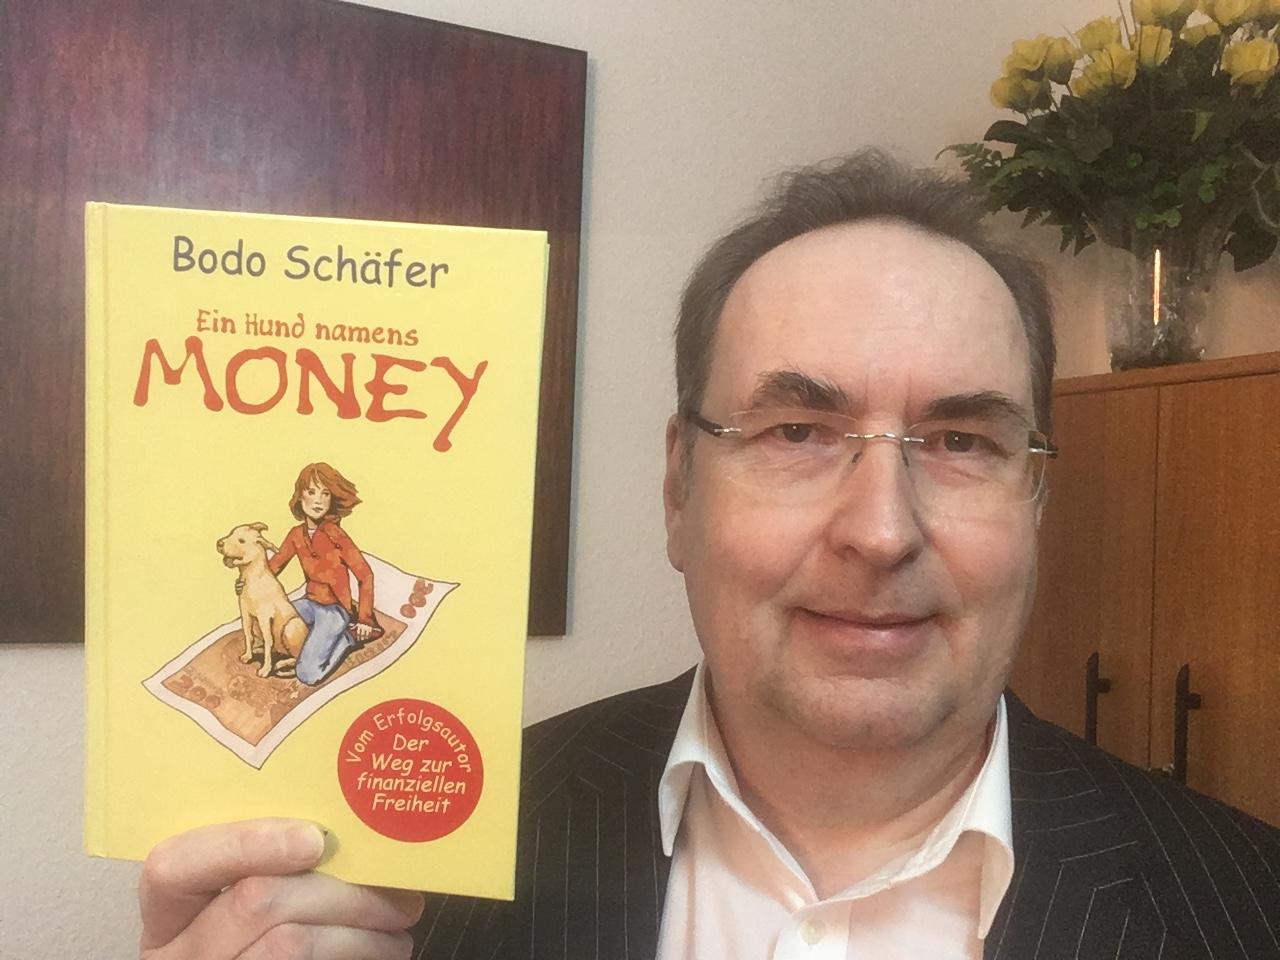 Bodo Schäfer Finanzbuch Ein Hund namens Money